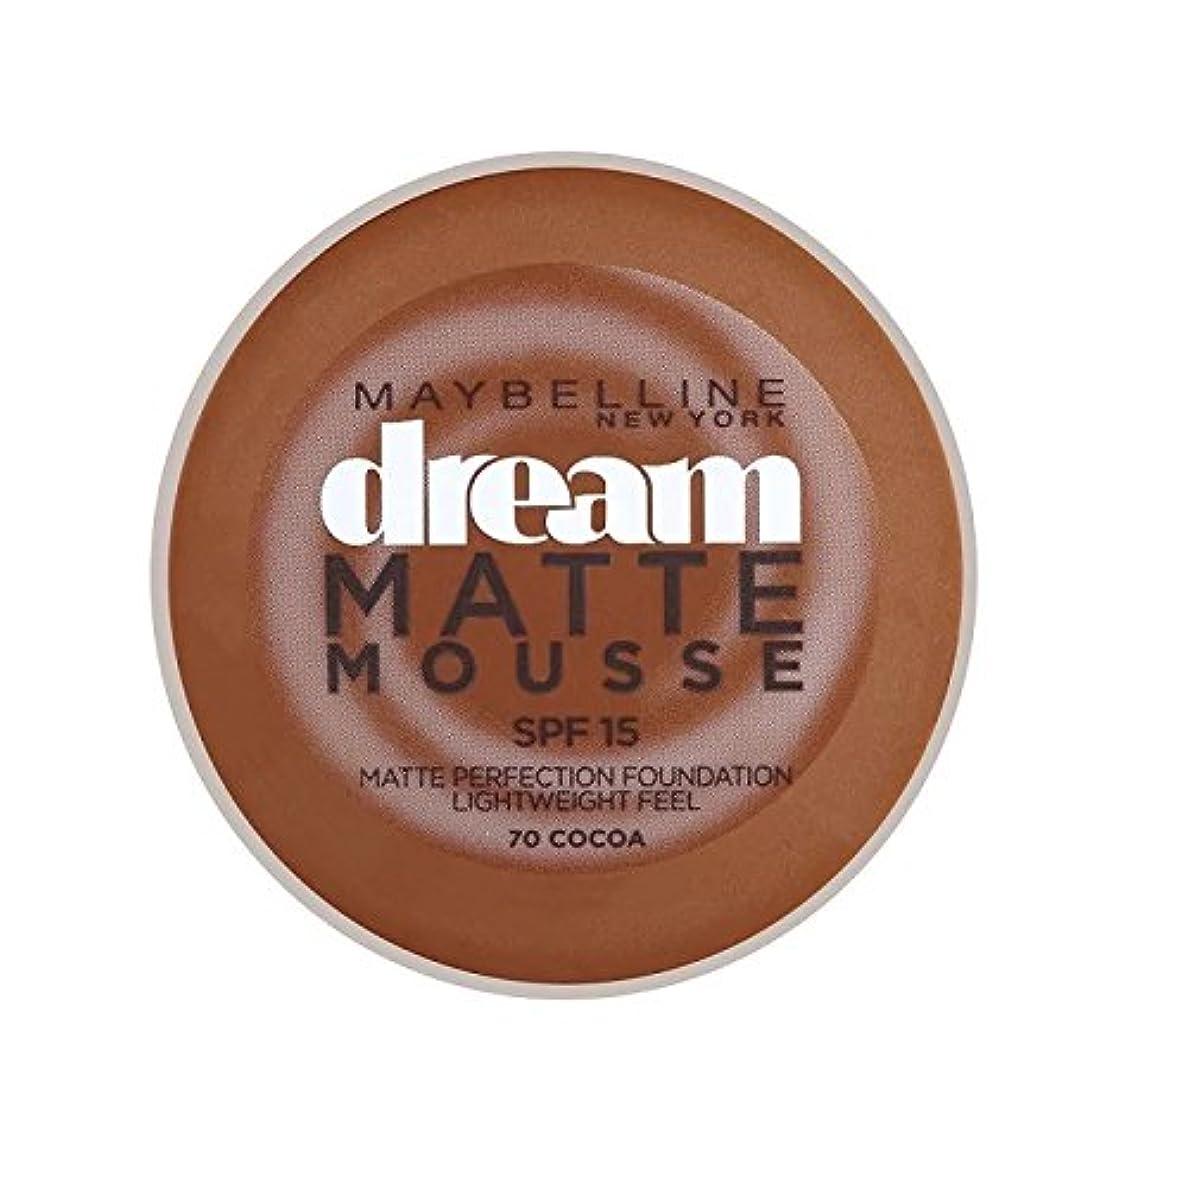 熱受動的ファンシーMaybelline Dream Matte Mousse Foundation 70 Cocoa 10ml - メイベリン夢のマットムース基盤70ココア10ミリリットル [並行輸入品]